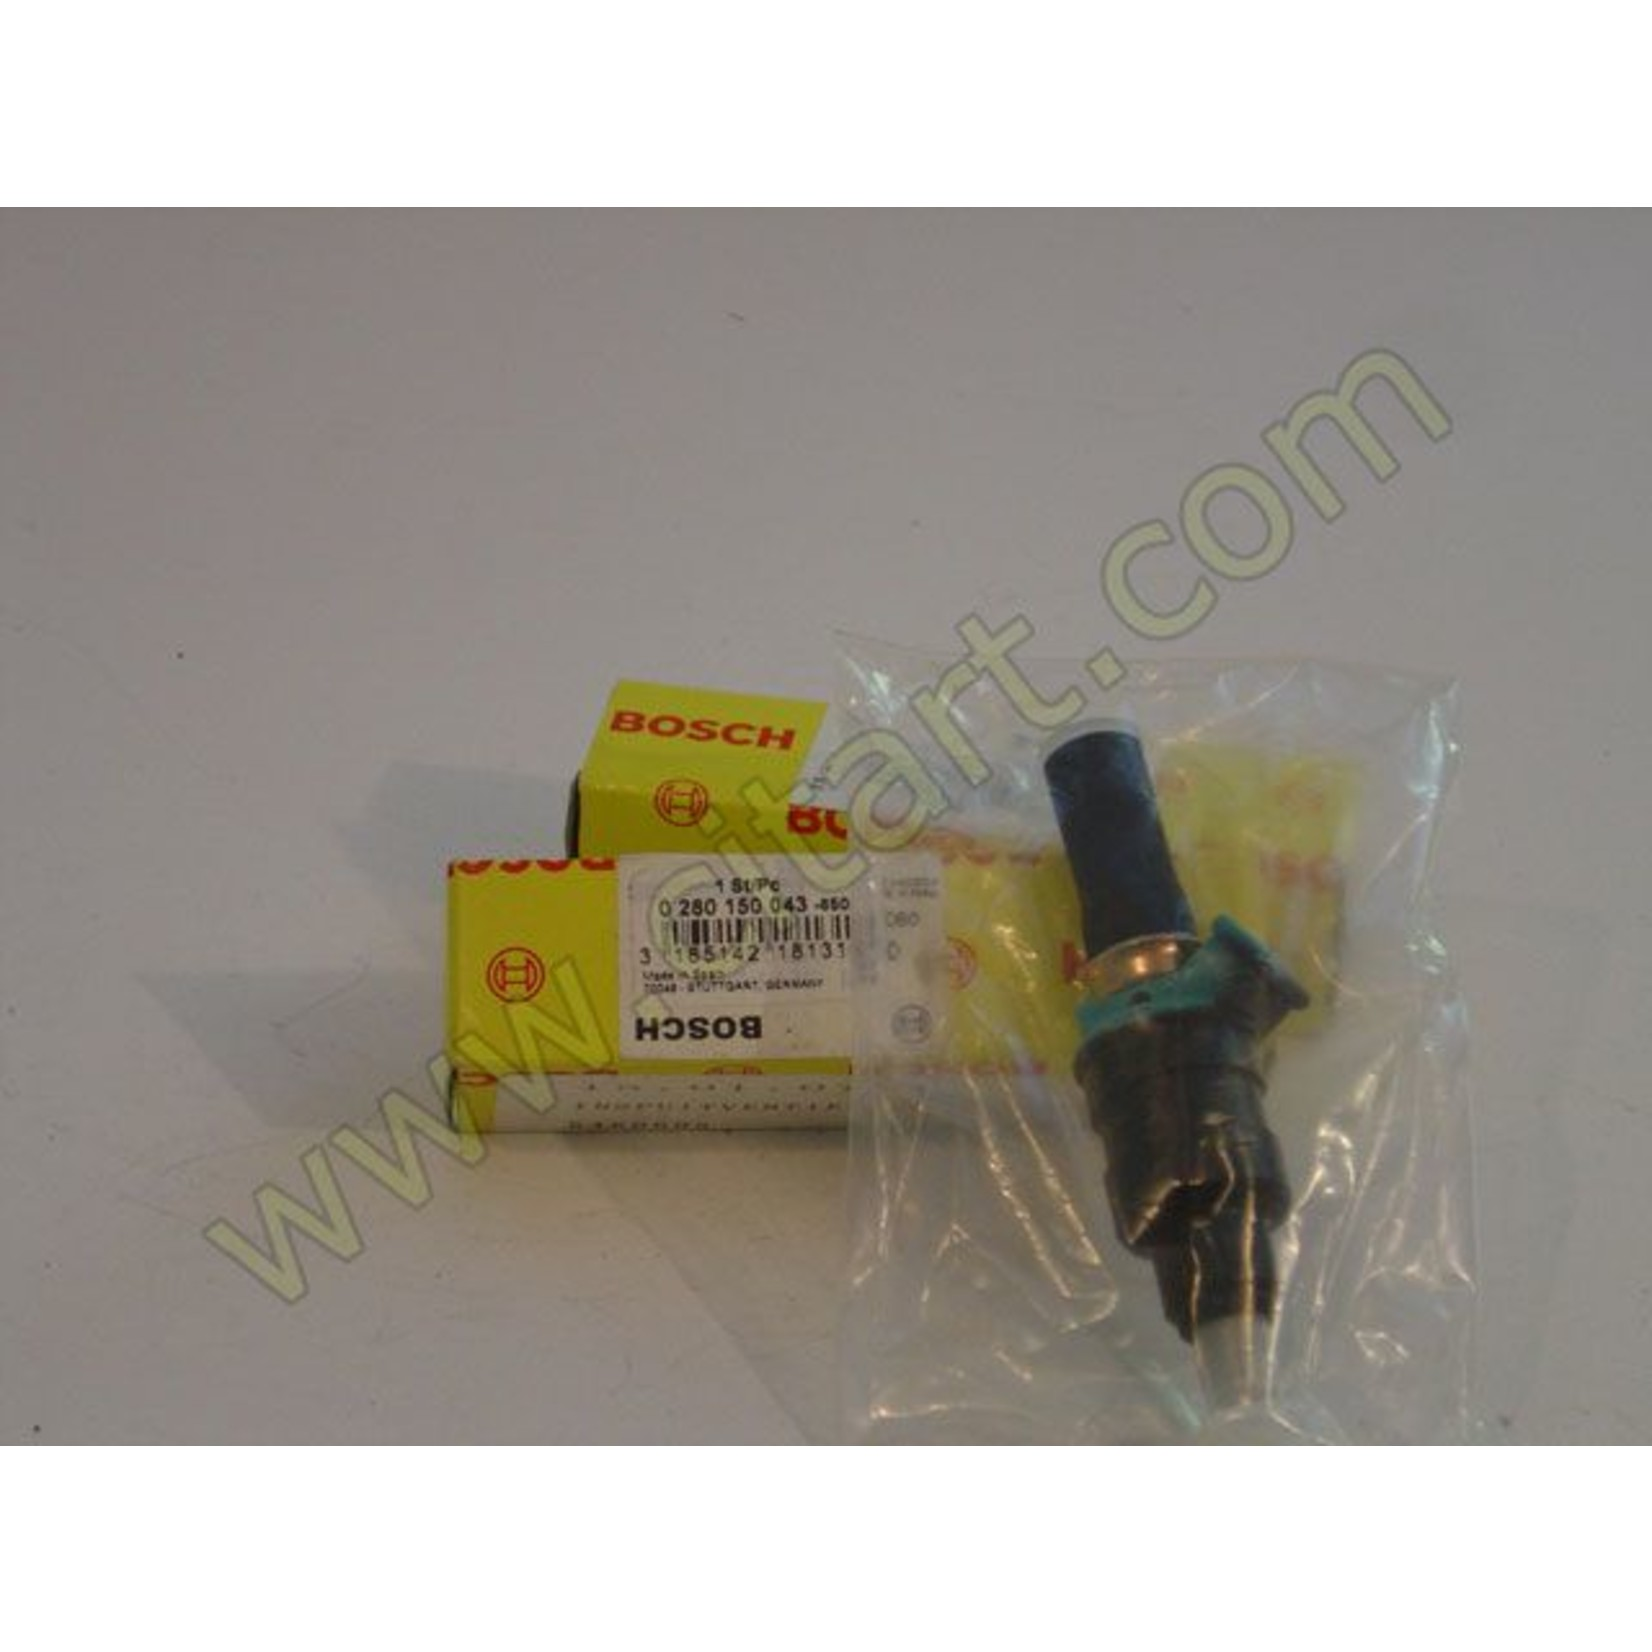 Injecteur Nr Org: 5412352